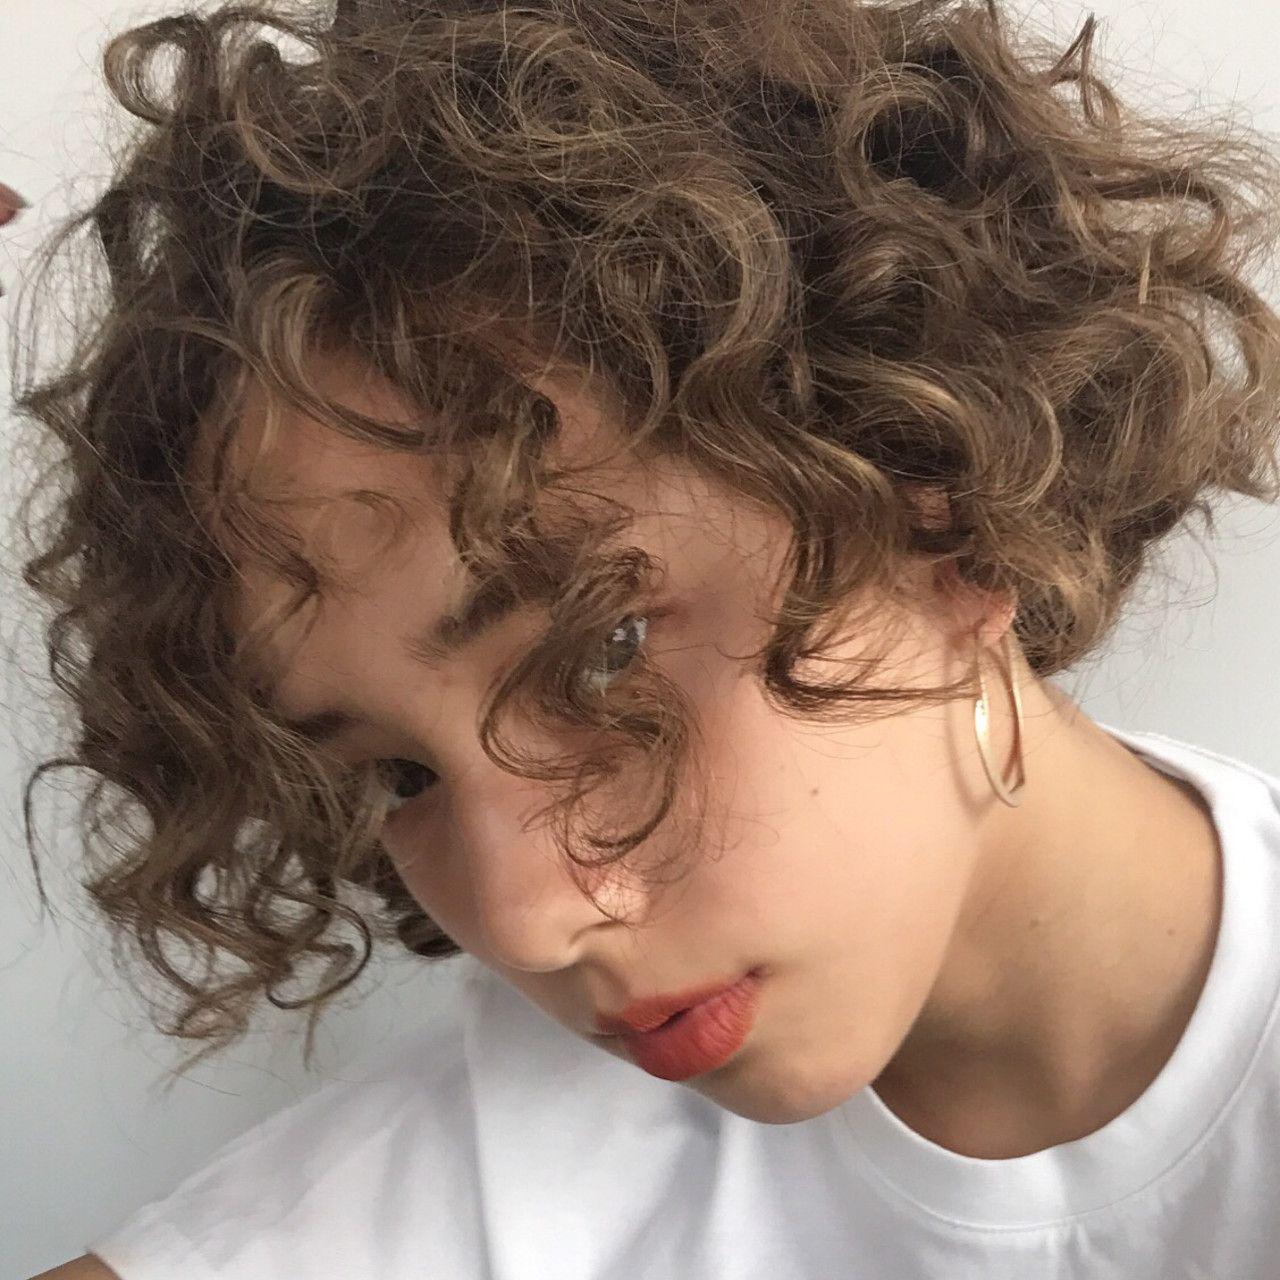 ヘアアレンジ ショート パーマ スポーツ Nanuk渋谷店 ナヌーク 高橋 忍 466878 Hair ショート パーマ ウェービーヘア パーマ